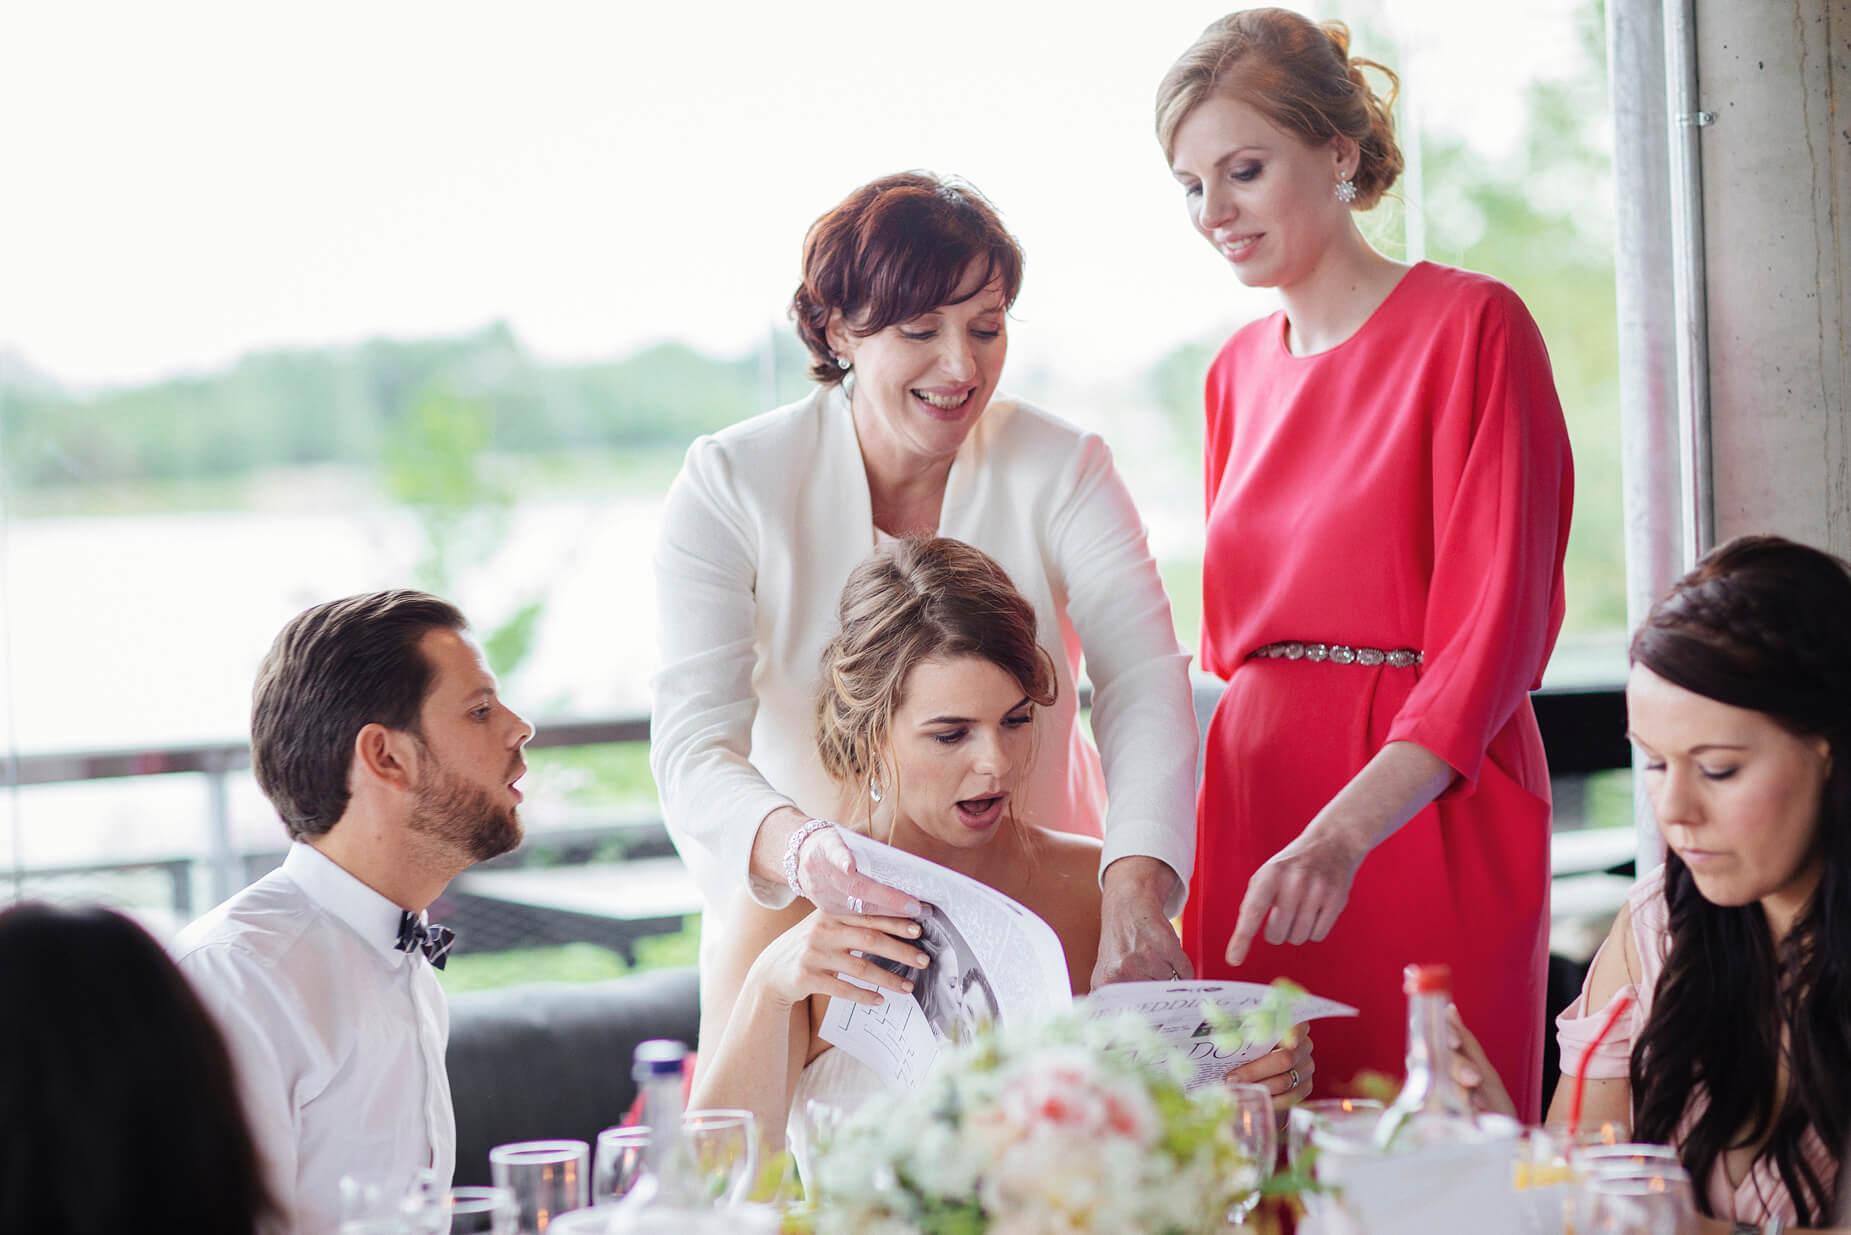 you-me-us_wedding-and-family-photography_hochzeitsreportage-hamburg_isabelle-niki_181